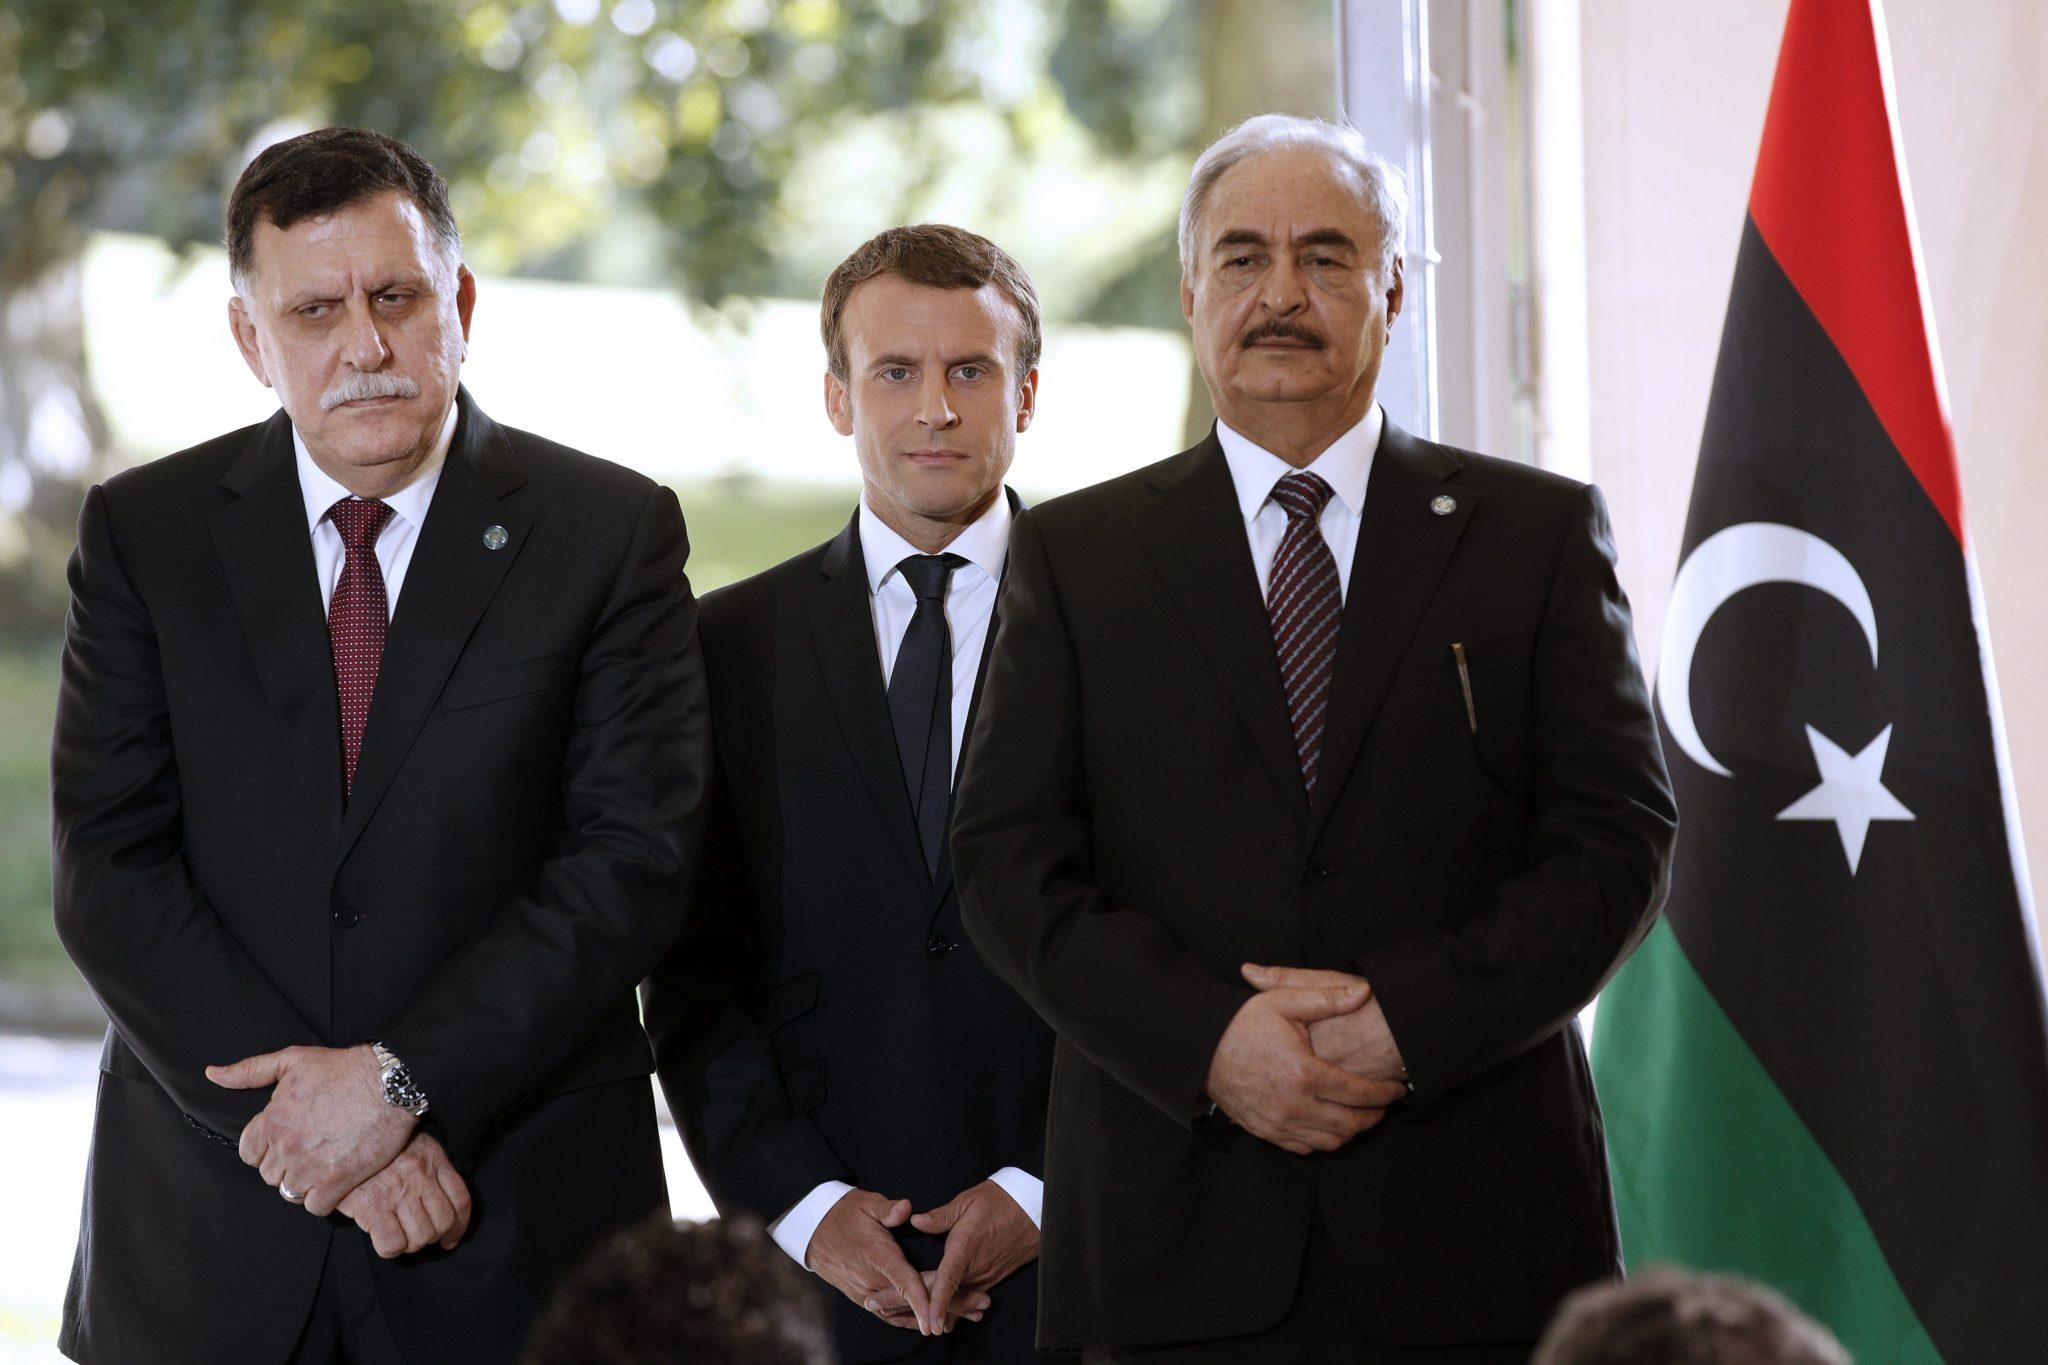 Rozmowy prezydenta Francji i premiera Libii. Porozumienie ws. wyborów na wiosnę, fot: Yoan Valat PAP/EPA